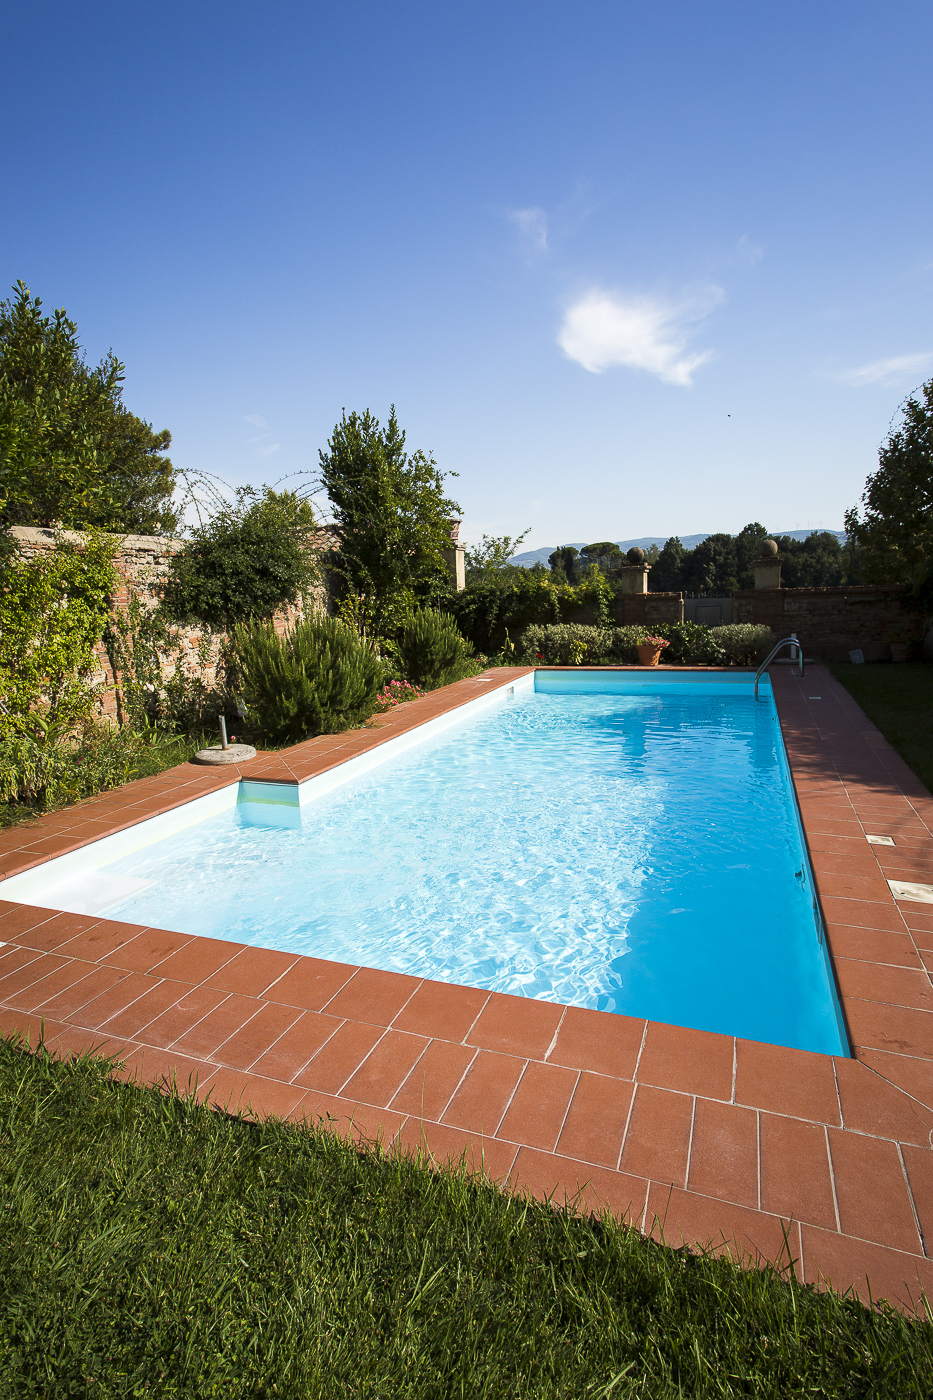 Pool eines Hauses bei Pisa mit einer Fläche von 5 x 12 m